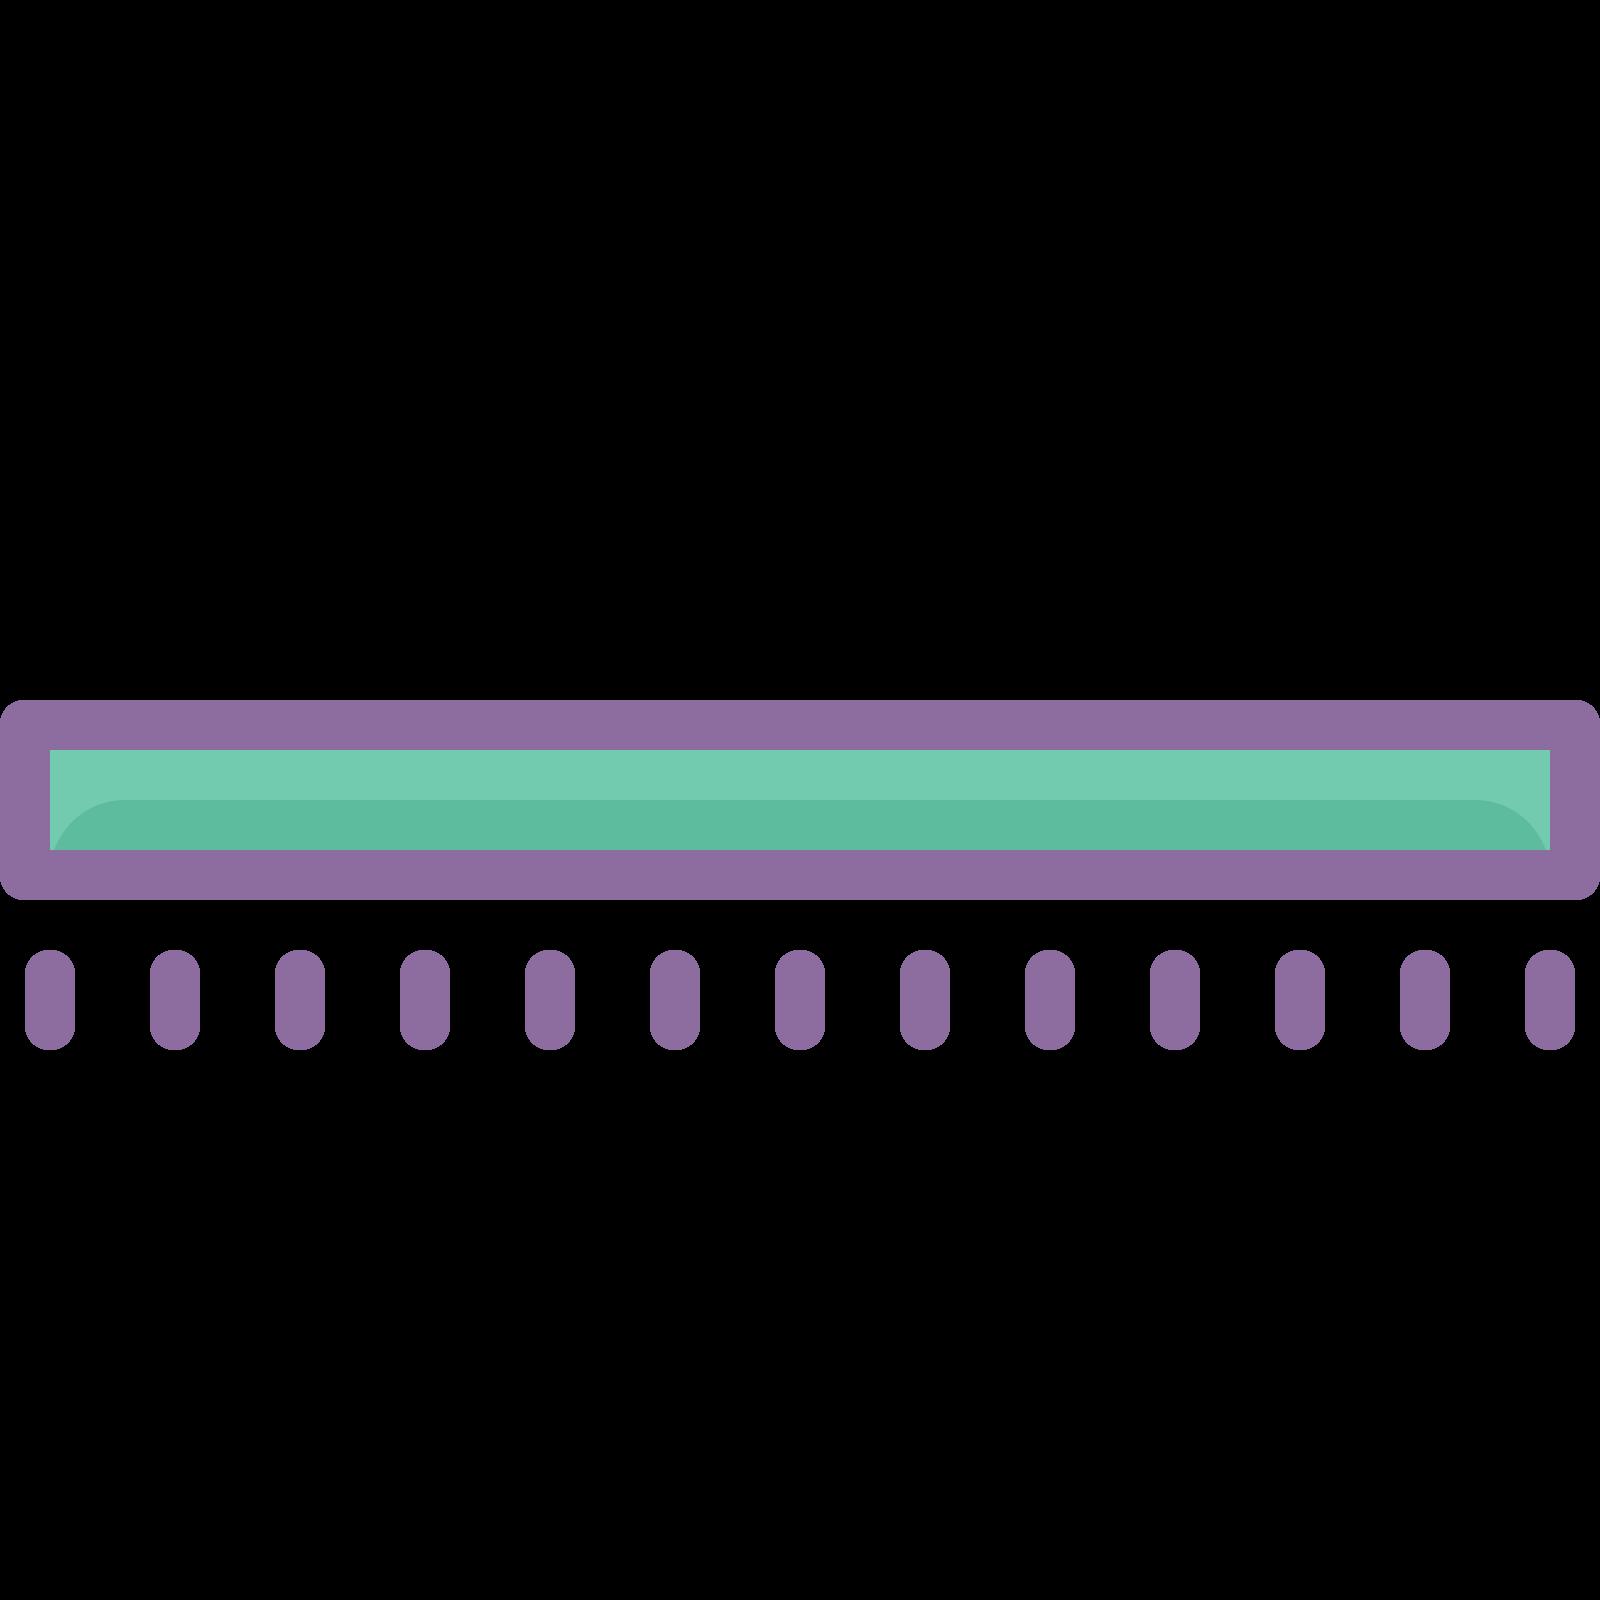 水平線 icon. The icon is very simple looking and is shaped like a very thin rectangle shape. Each corner of the rectangle shape is pointed. The shape is laying flat in a horizontal position.